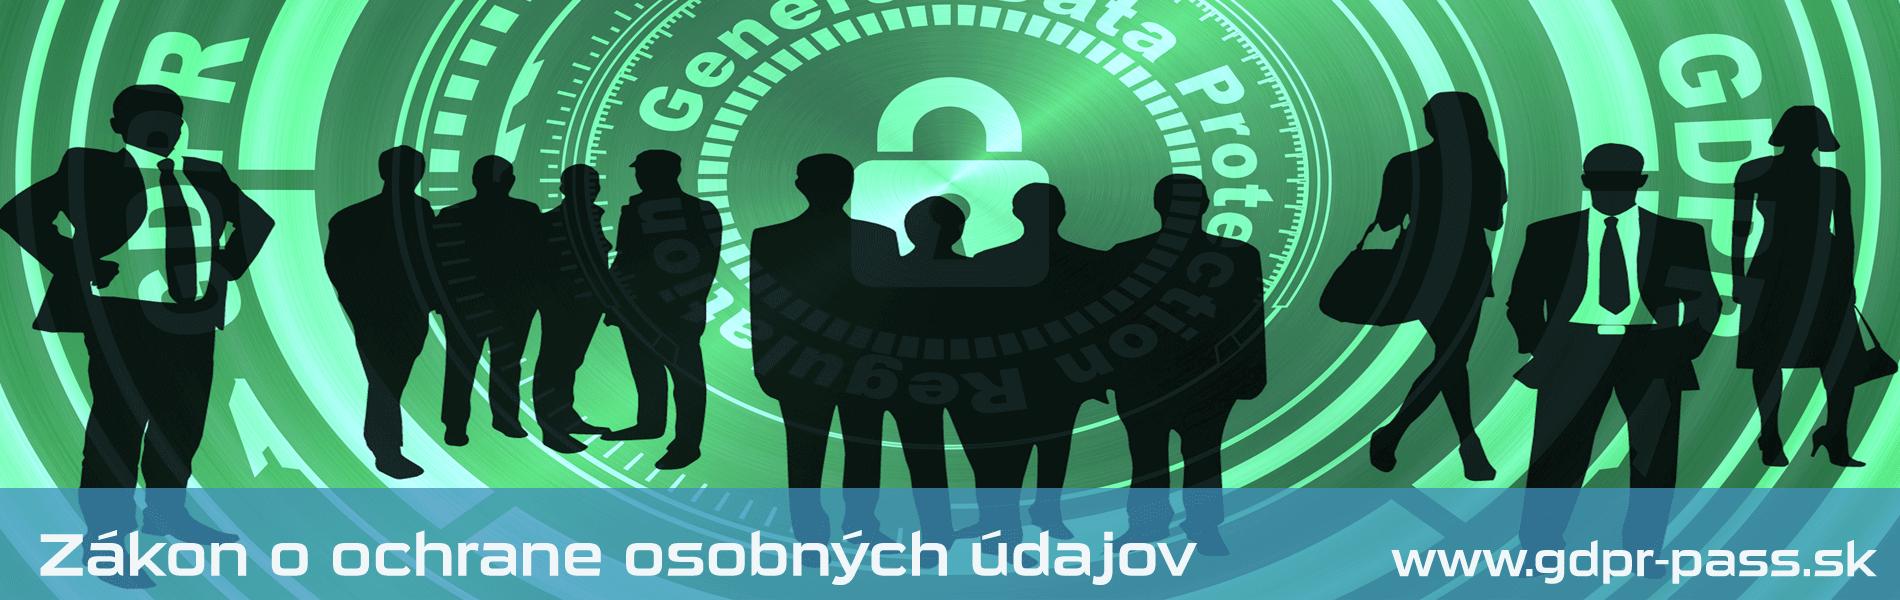 Zákon o ochrane osobných údajov | GDPR-PASS.sk